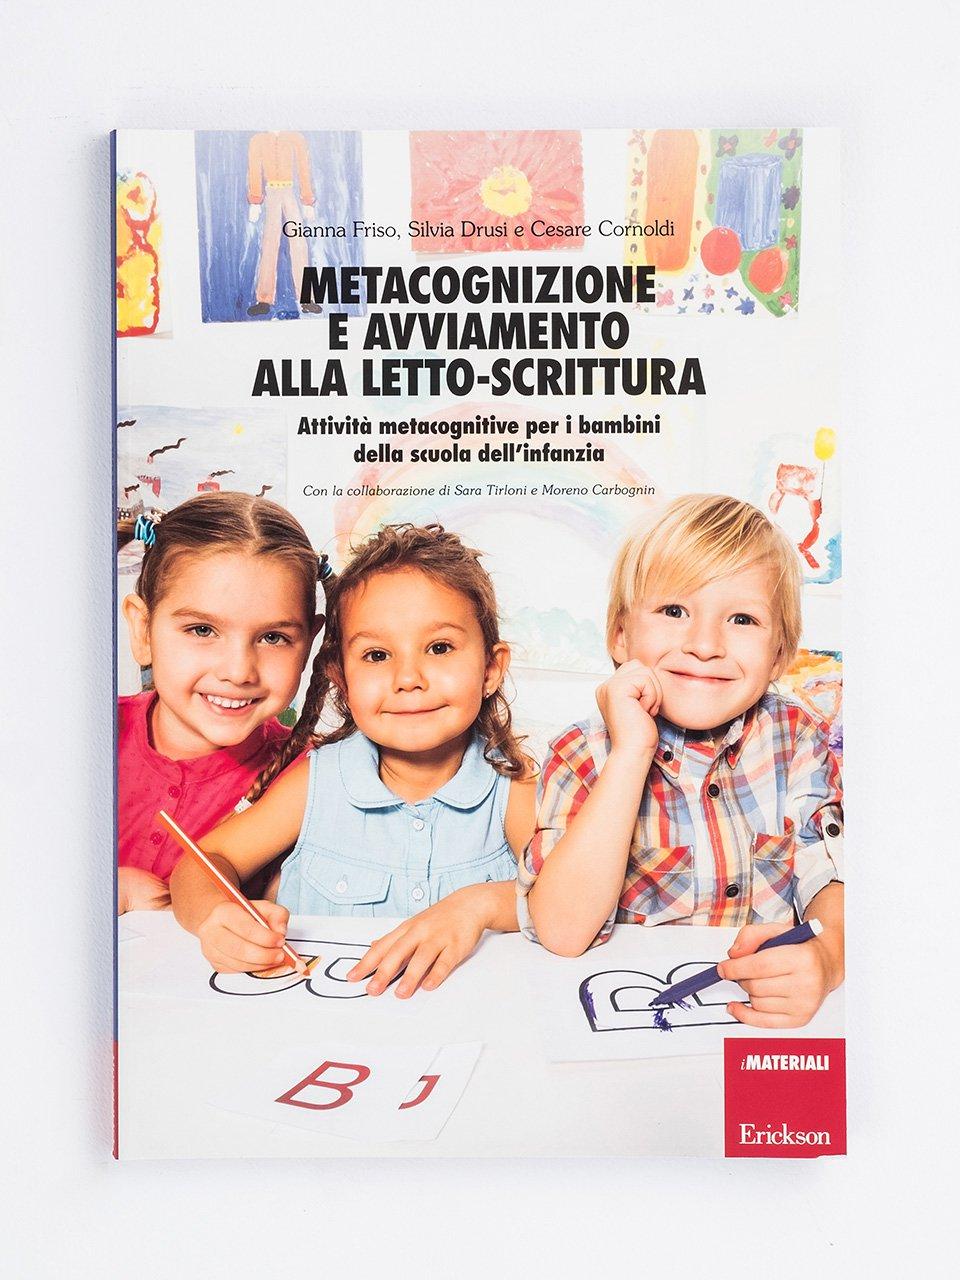 Metacognizione e avviamento alla letto-scrittura - Gianna Friso - Erickson